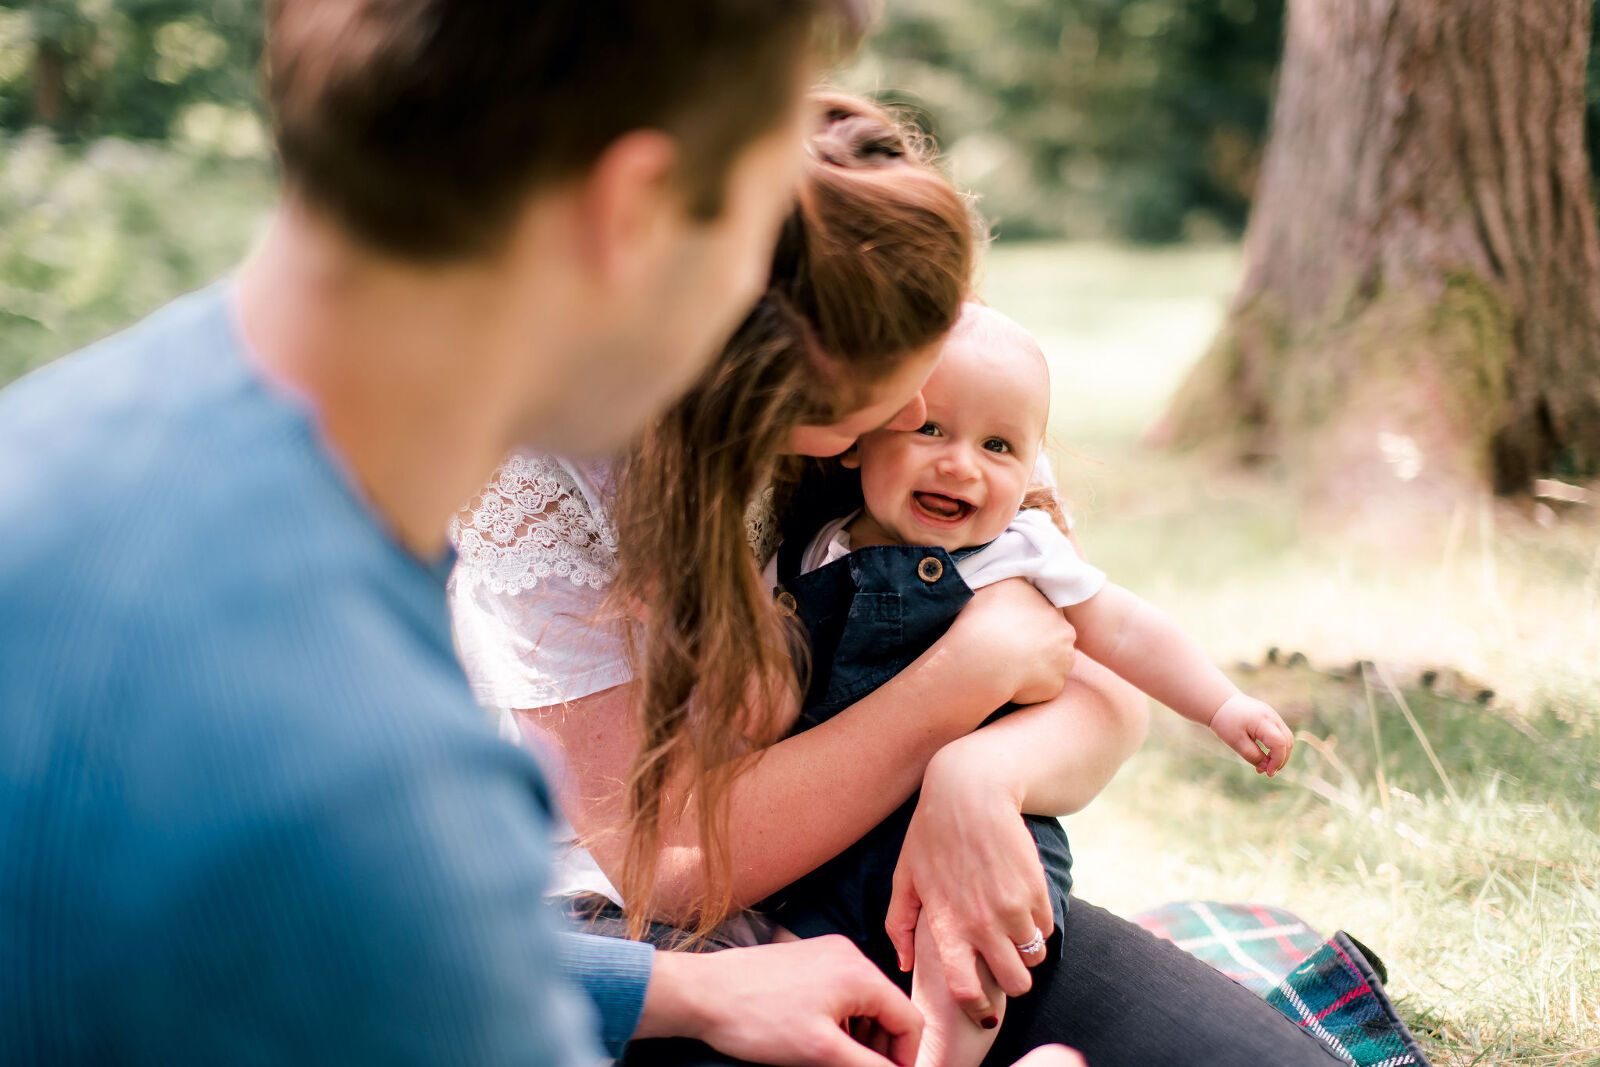 Mum and baby having a cuddle at a summer picnic